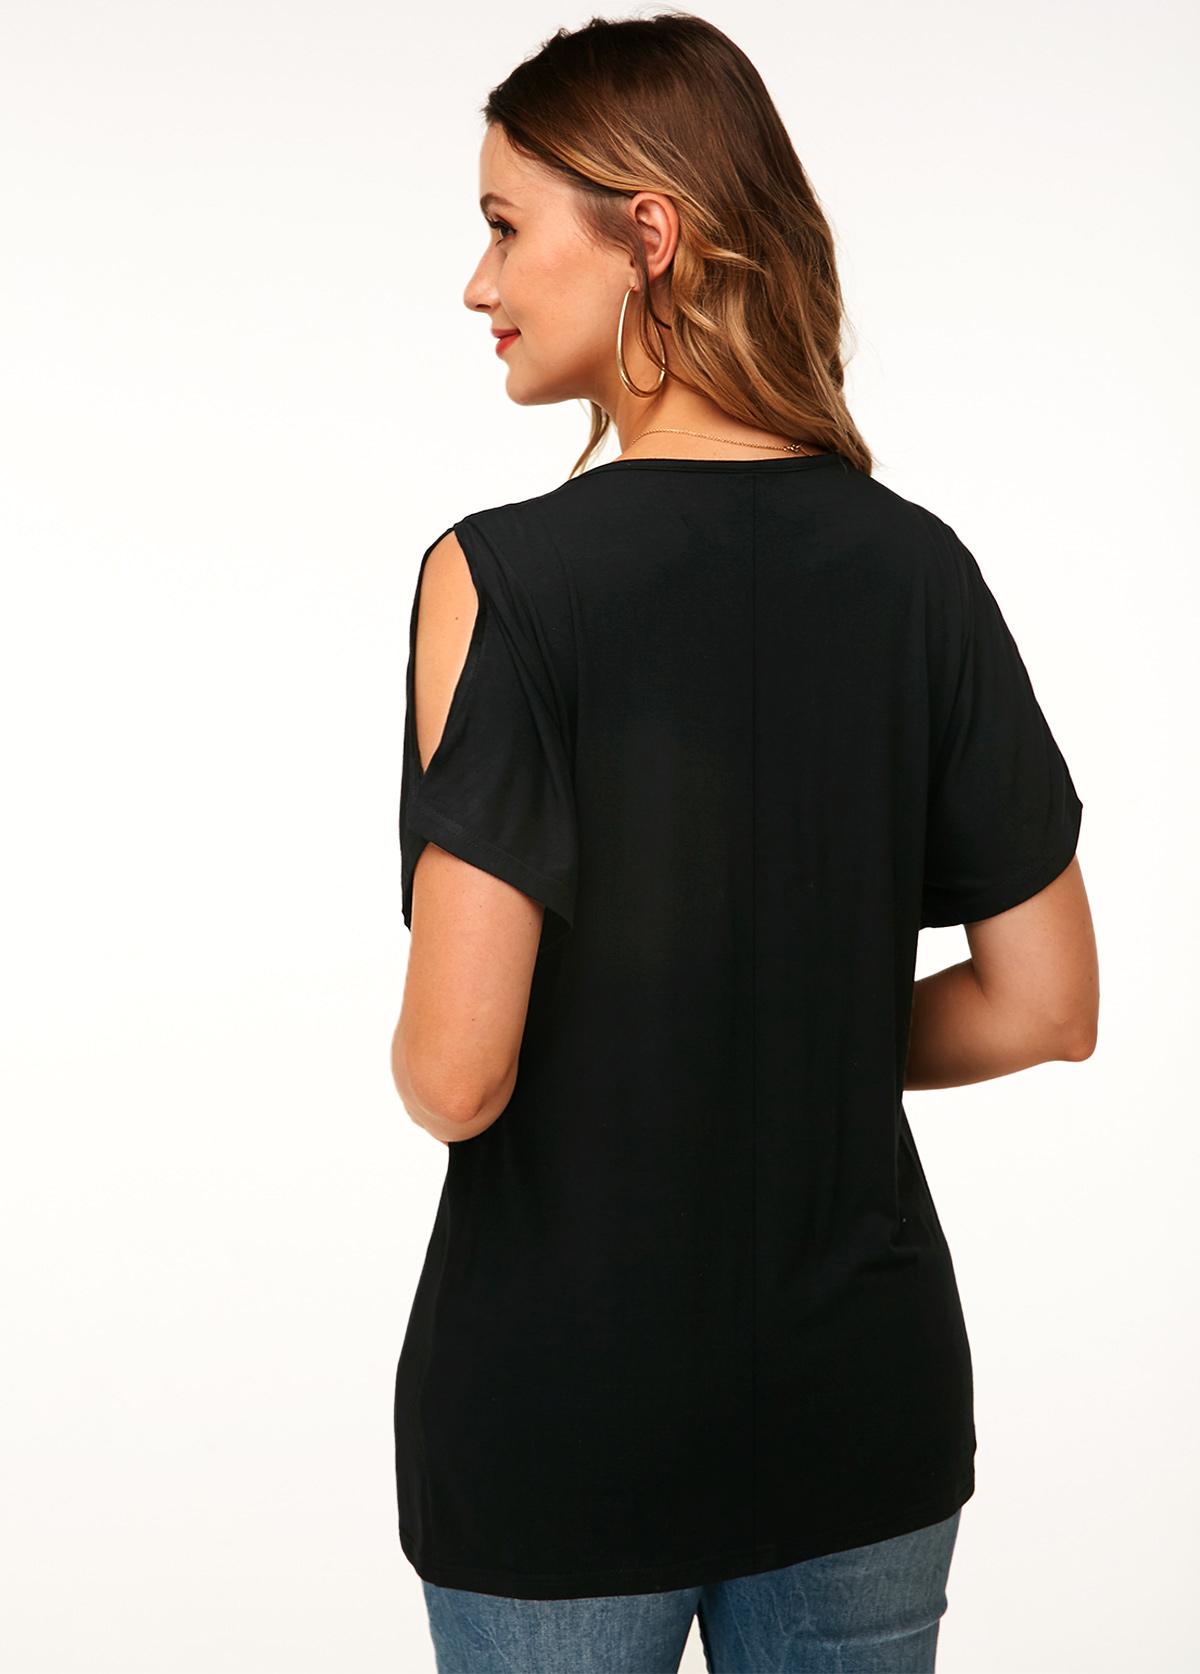 V Neck Casual Black Cold Shoulder T Shirt